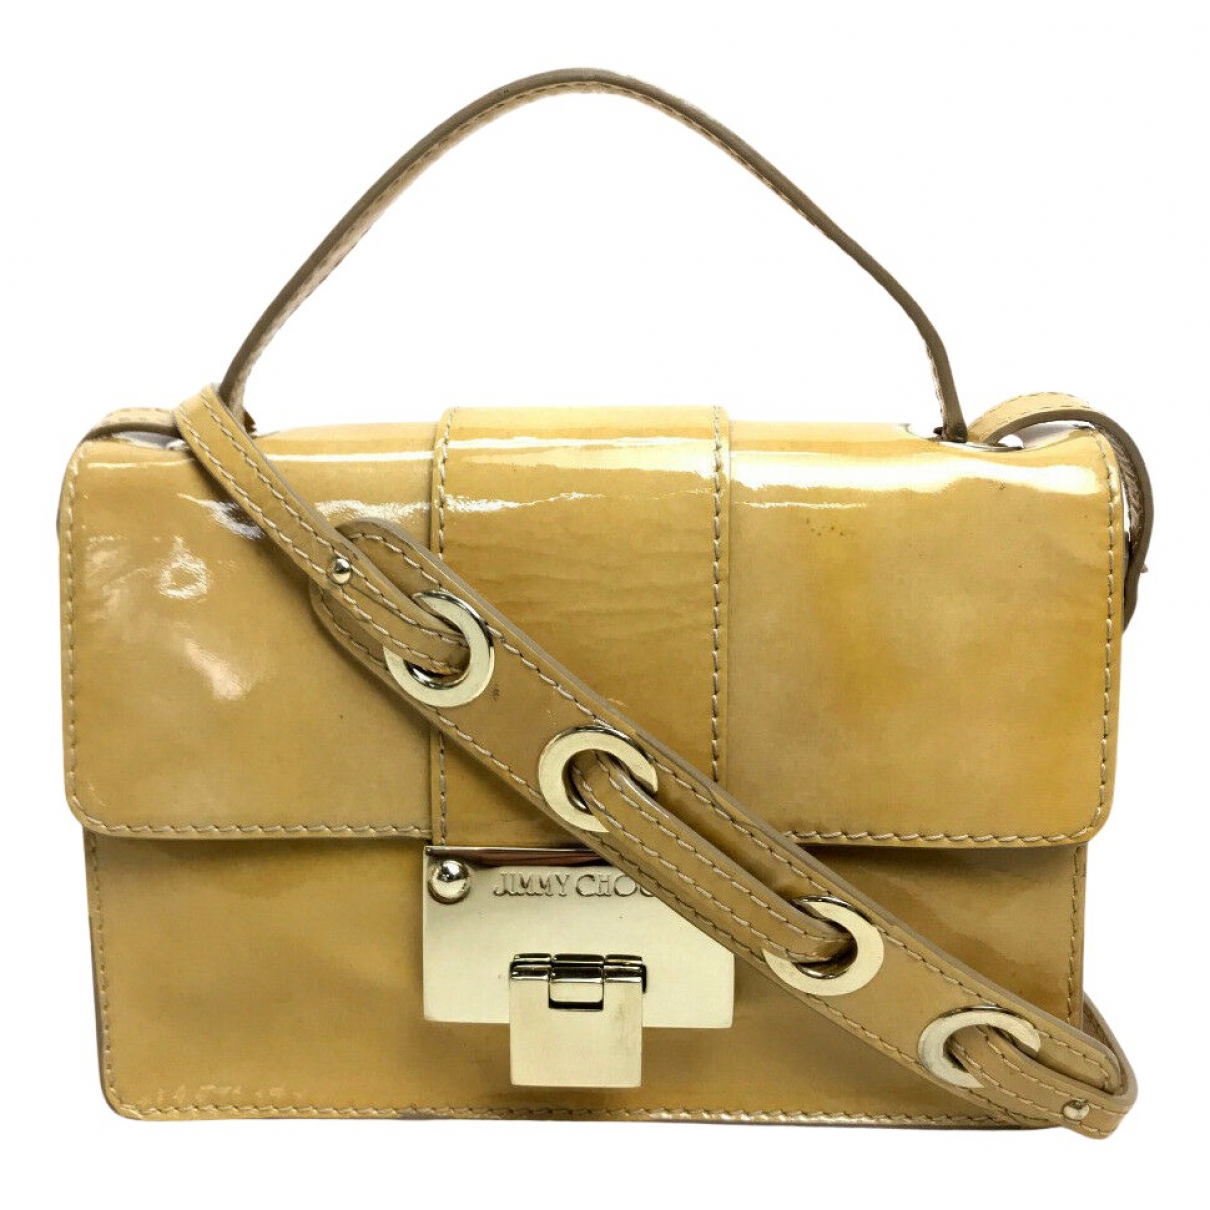 Jimmy Choo \N Handtasche in  Beige Lackleder